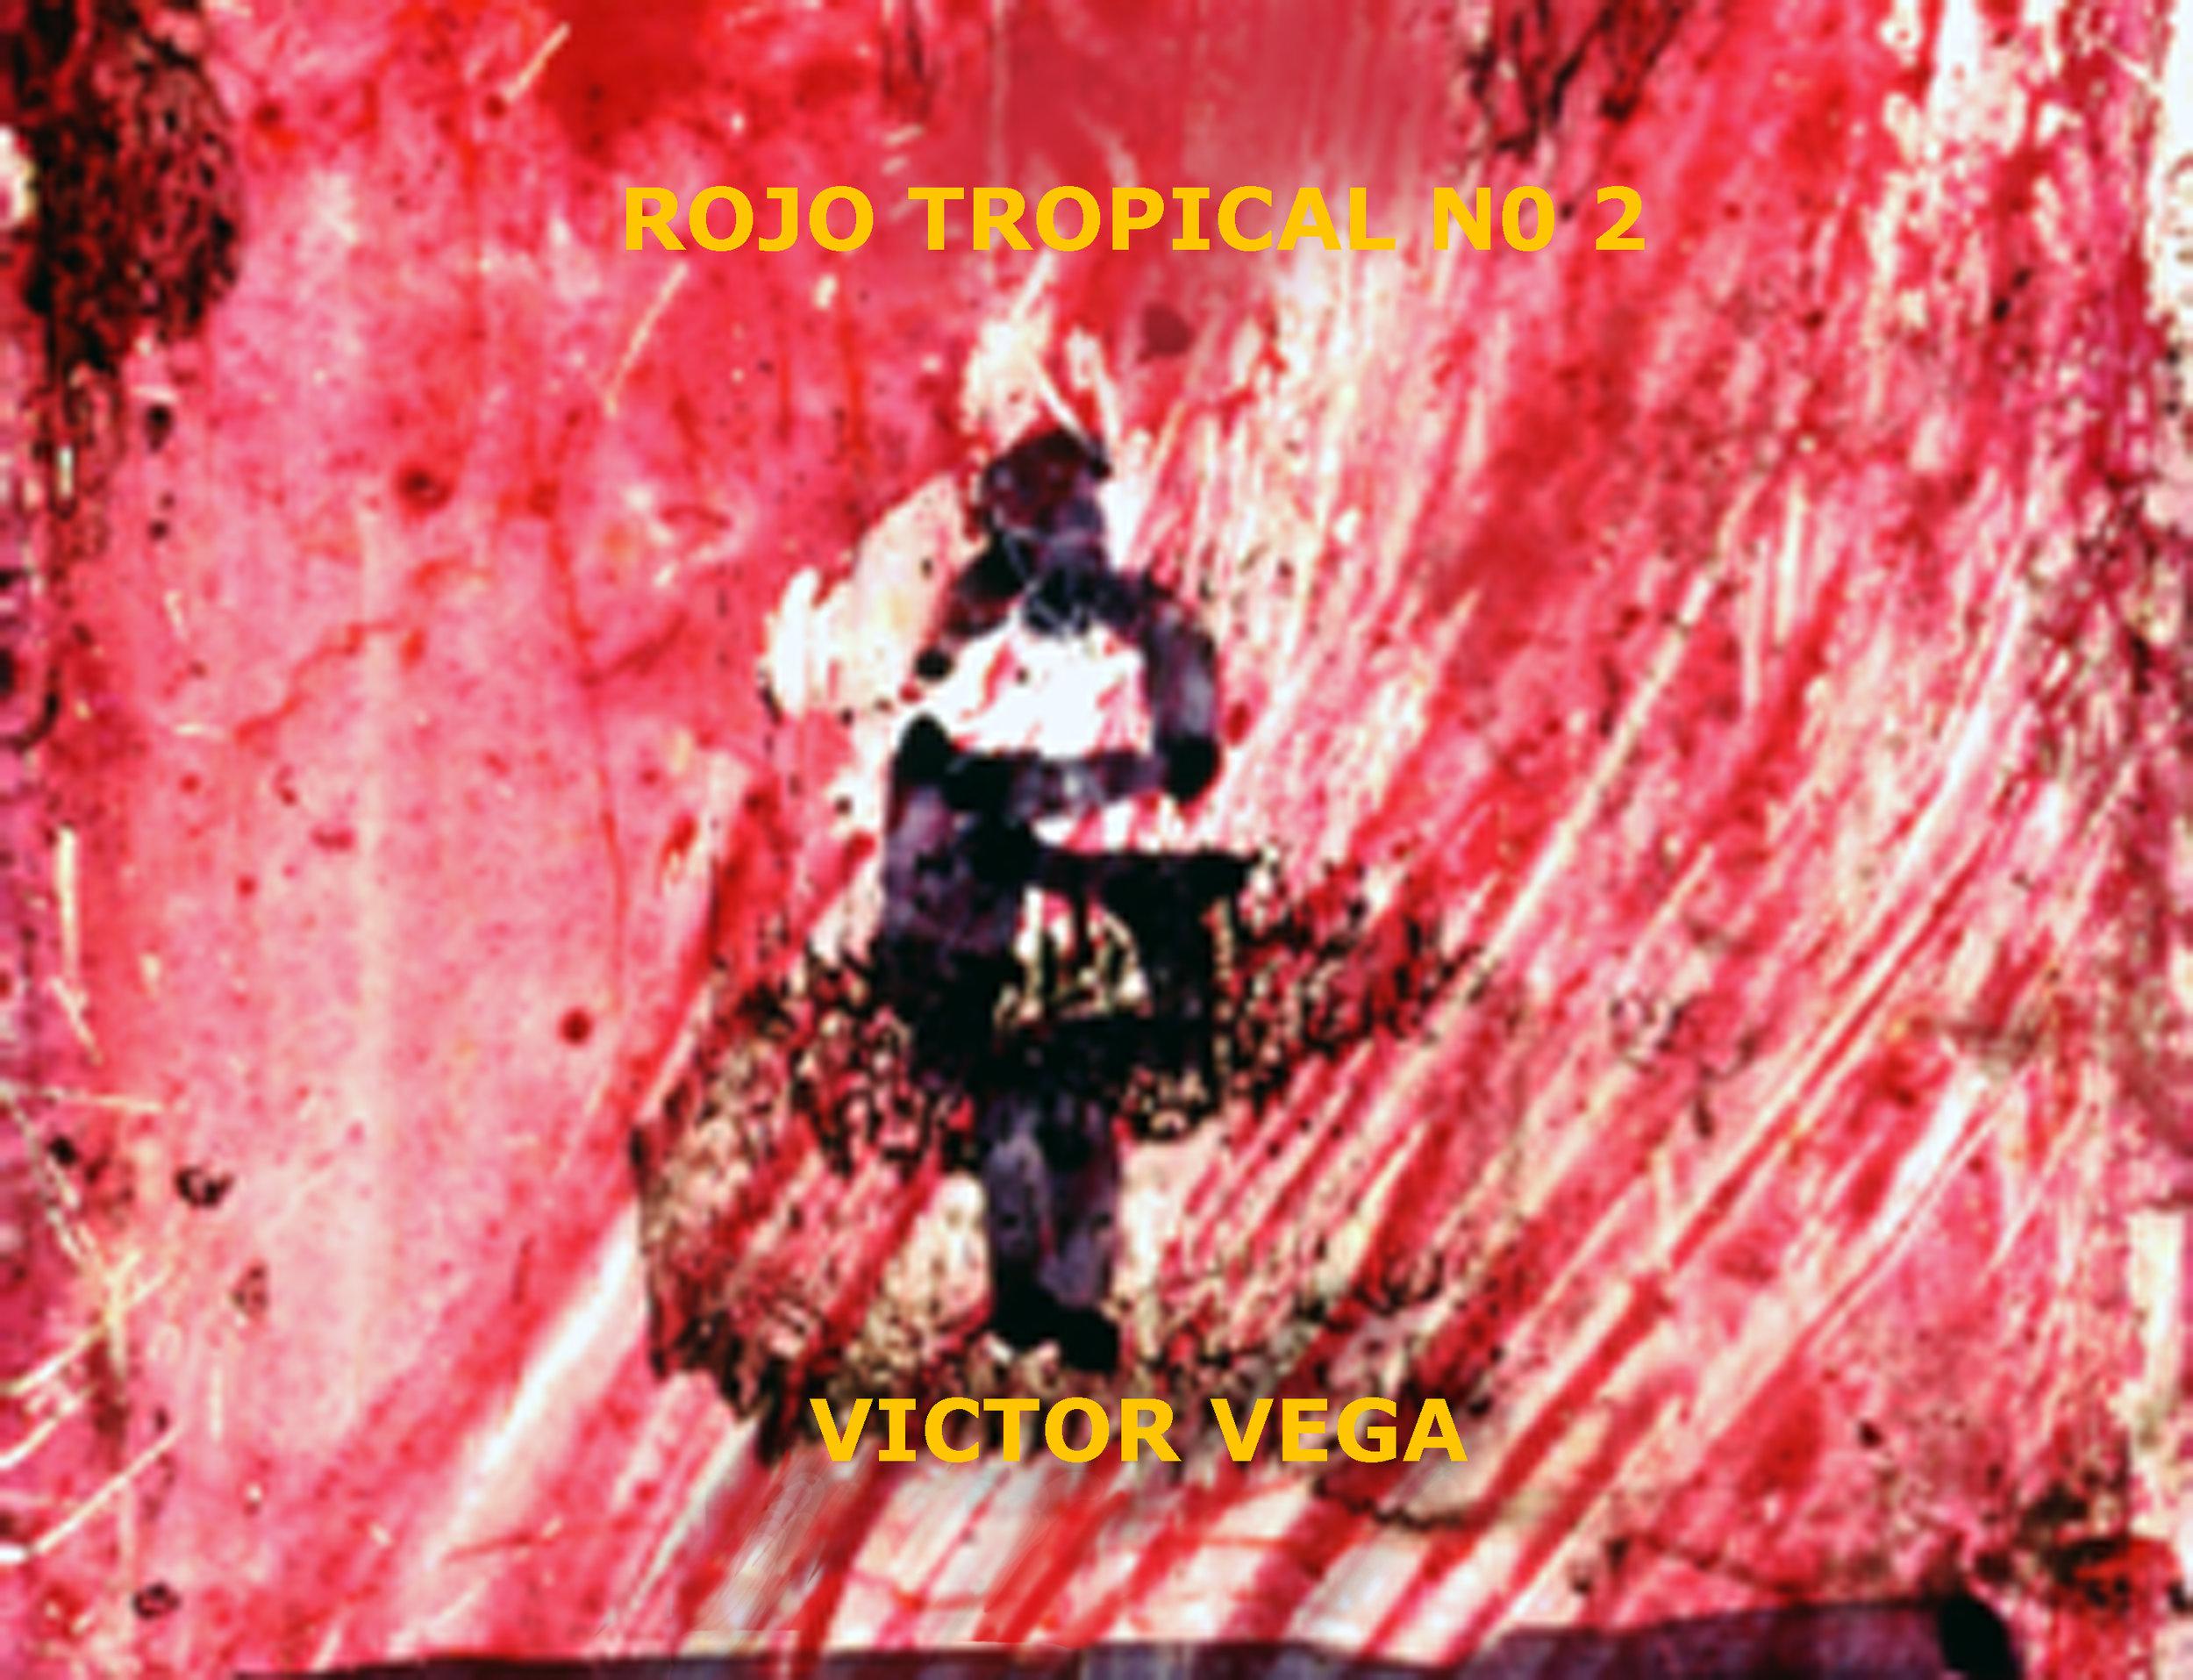 Victor Vega - ROJO TROPICAL No 2 Caratula.jpg